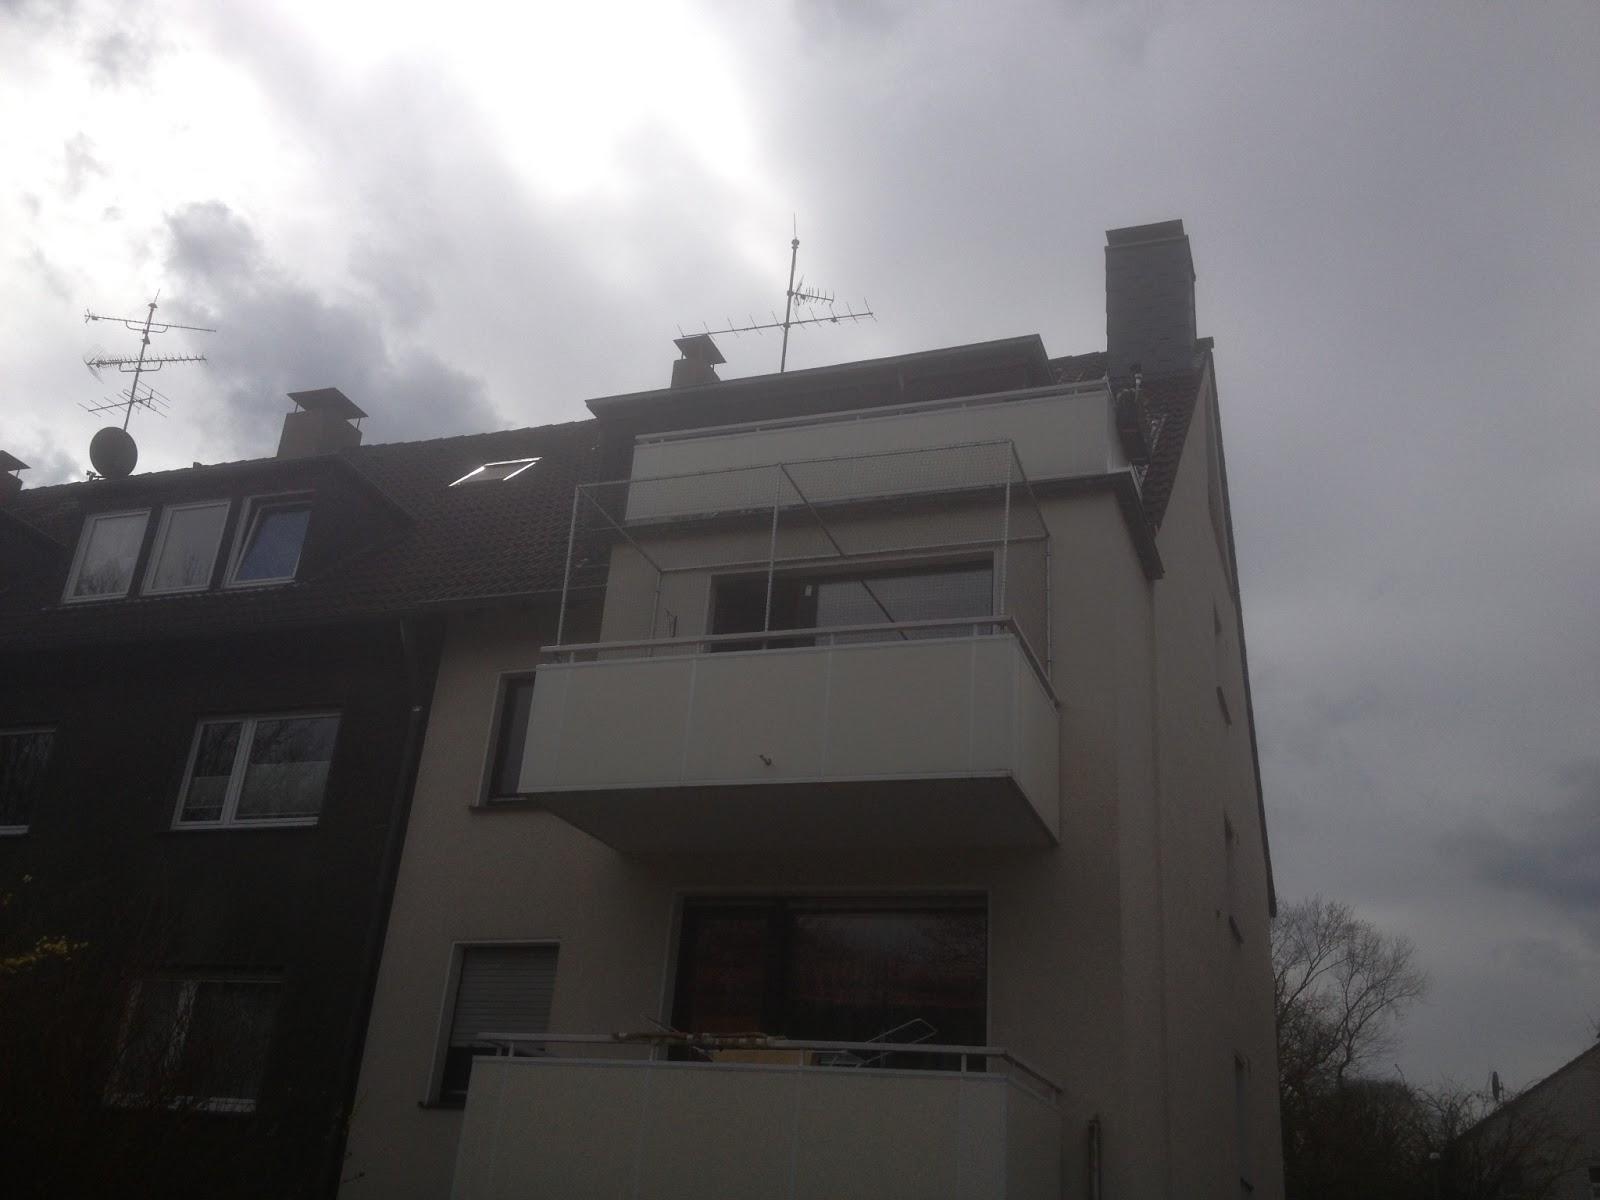 katzennetz nrw die adresse f r ein katzennetz katzennetz f r balkon in essen balkon ohne dach. Black Bedroom Furniture Sets. Home Design Ideas